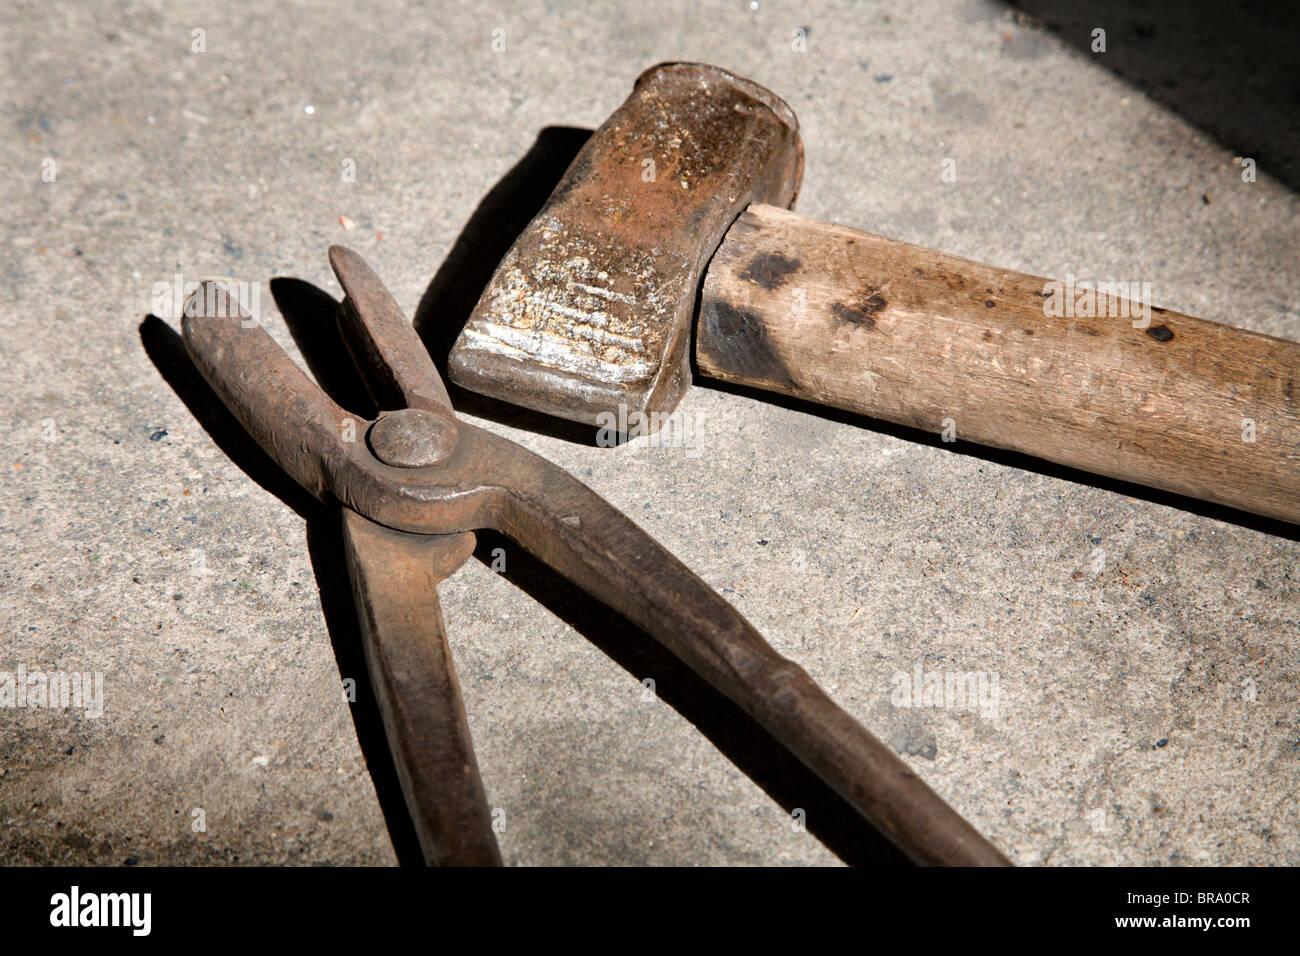 Herramientas de herrería - Martillo y shnaks Imagen De Stock